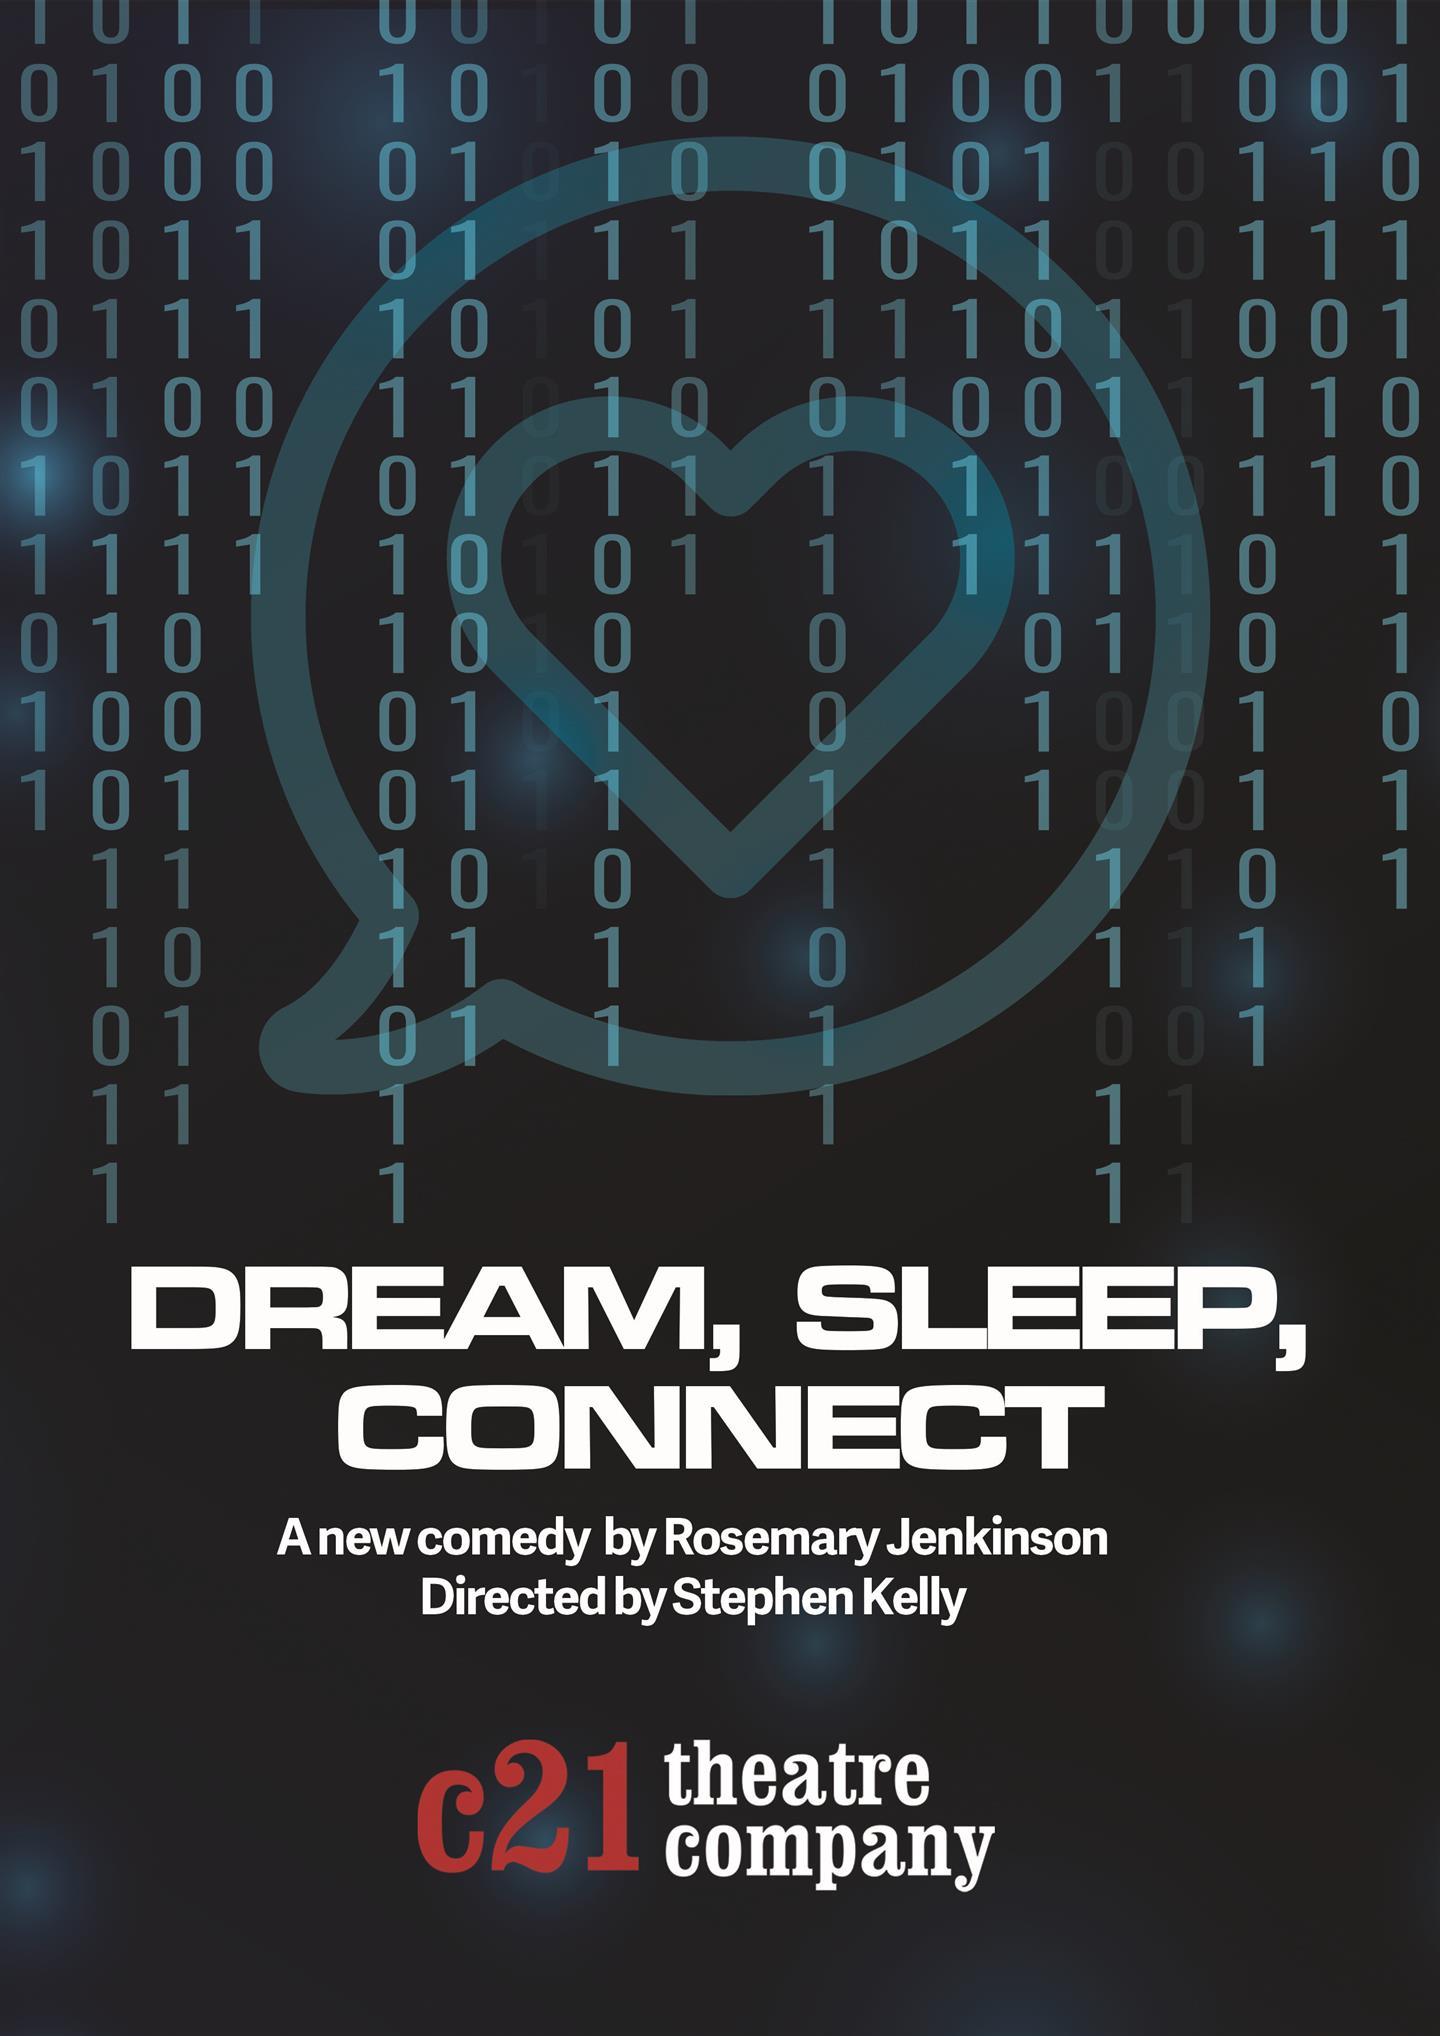 DREAM, SLEEP, CONNECT